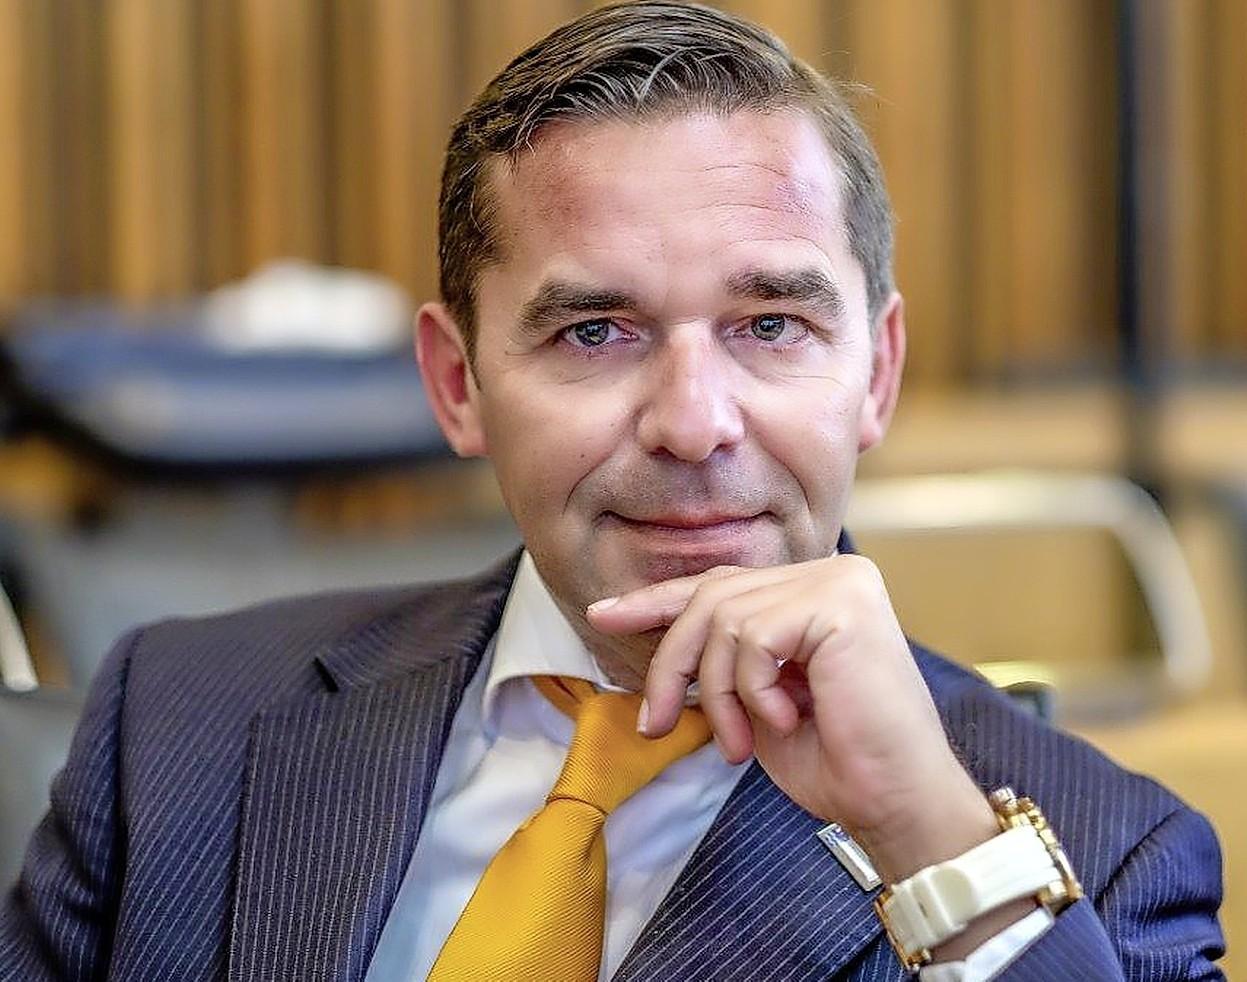 Forza Haarlemmermeer-oprichter Paul Meijer stopt als fractievoorzitter